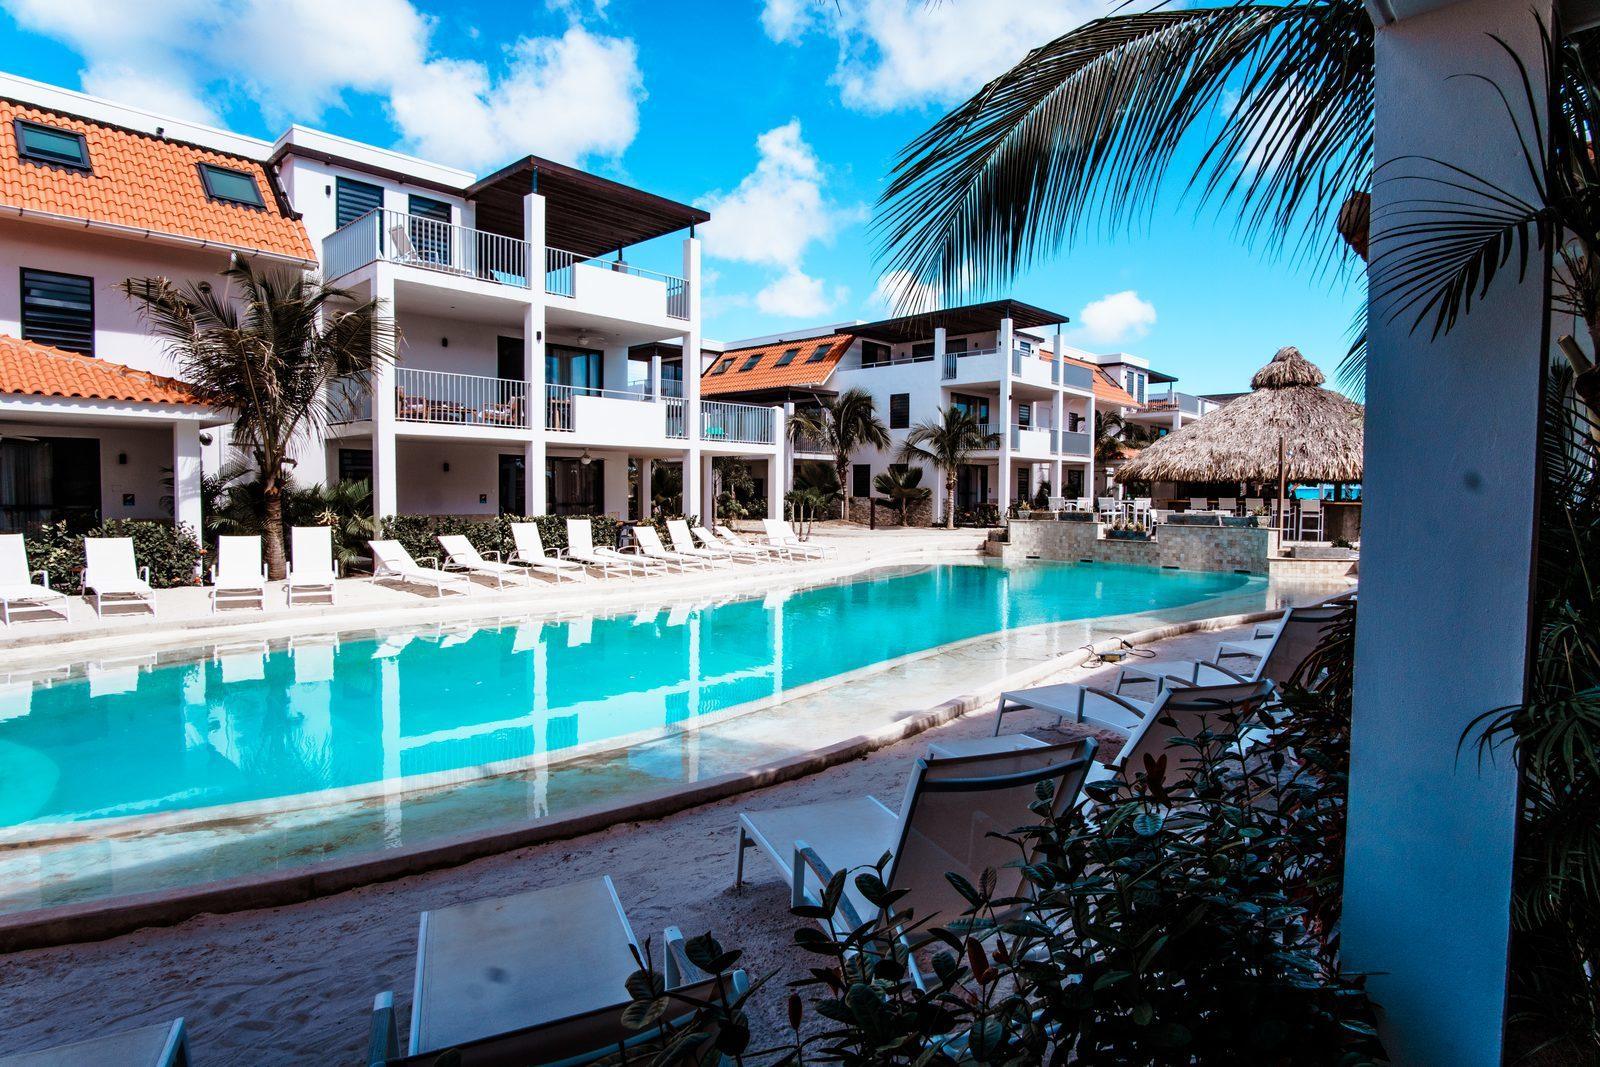 Resort Bonaire is een van de prachtige resorts op Bonaire. Het resort beschikt onder andere over een prachtig zwembad.